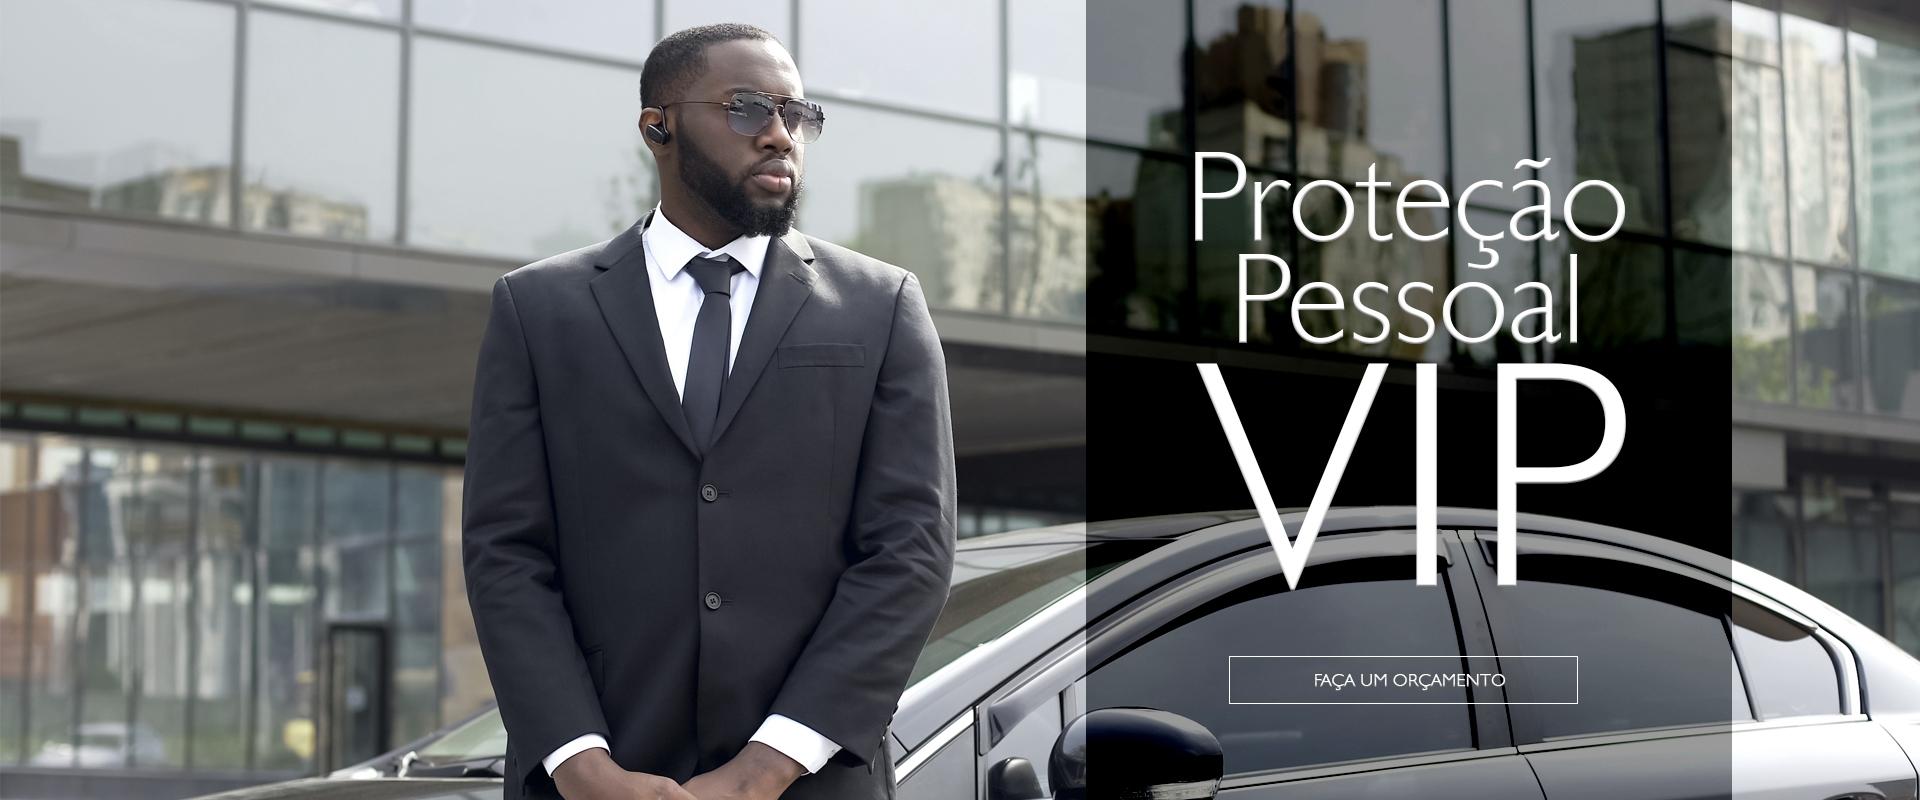 Proteção Pessoal VIP - Ingá Vigilância